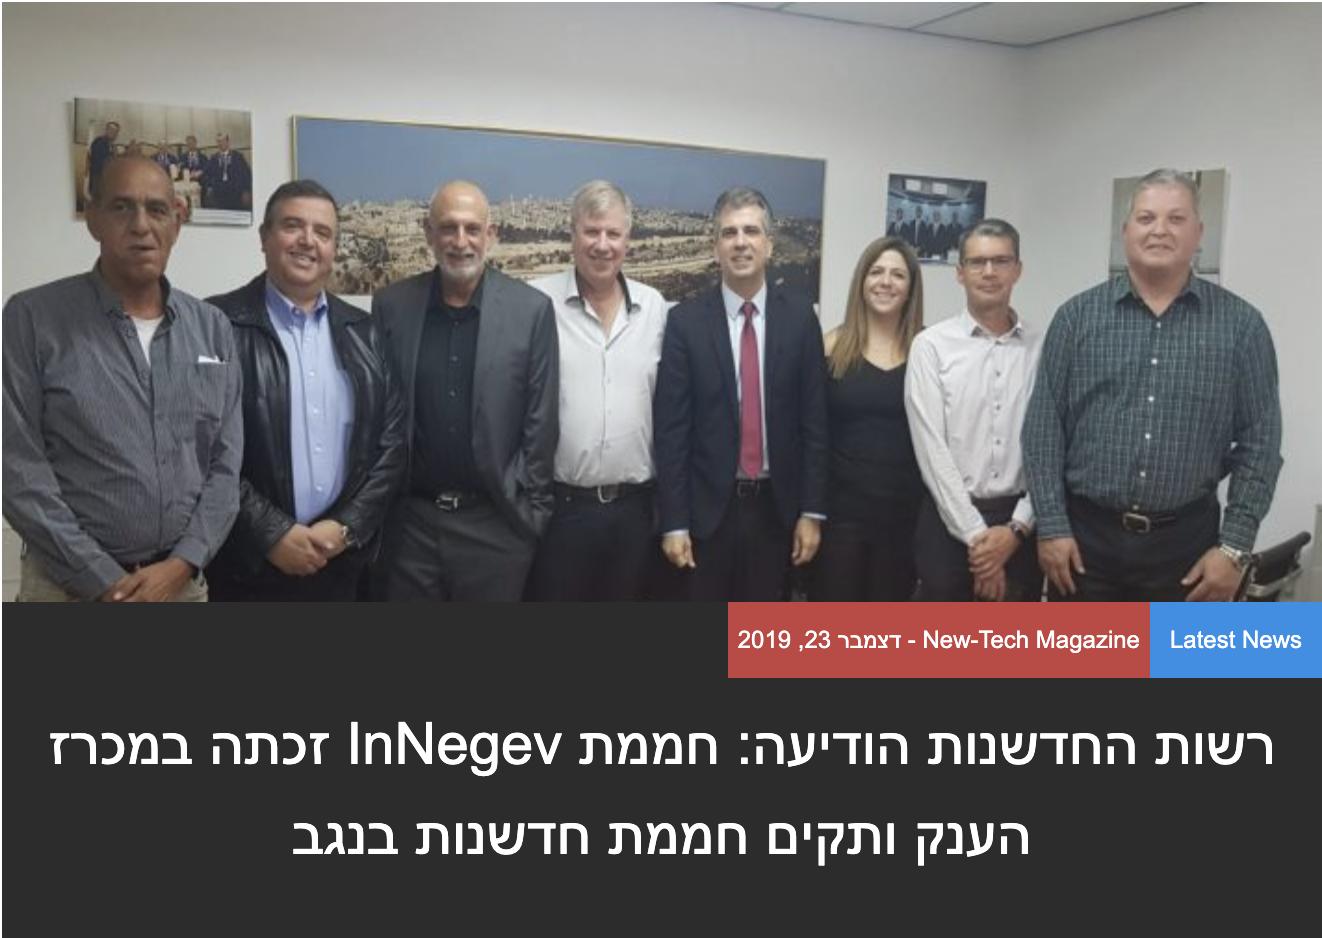 The Israeli Innovation Authority announces: